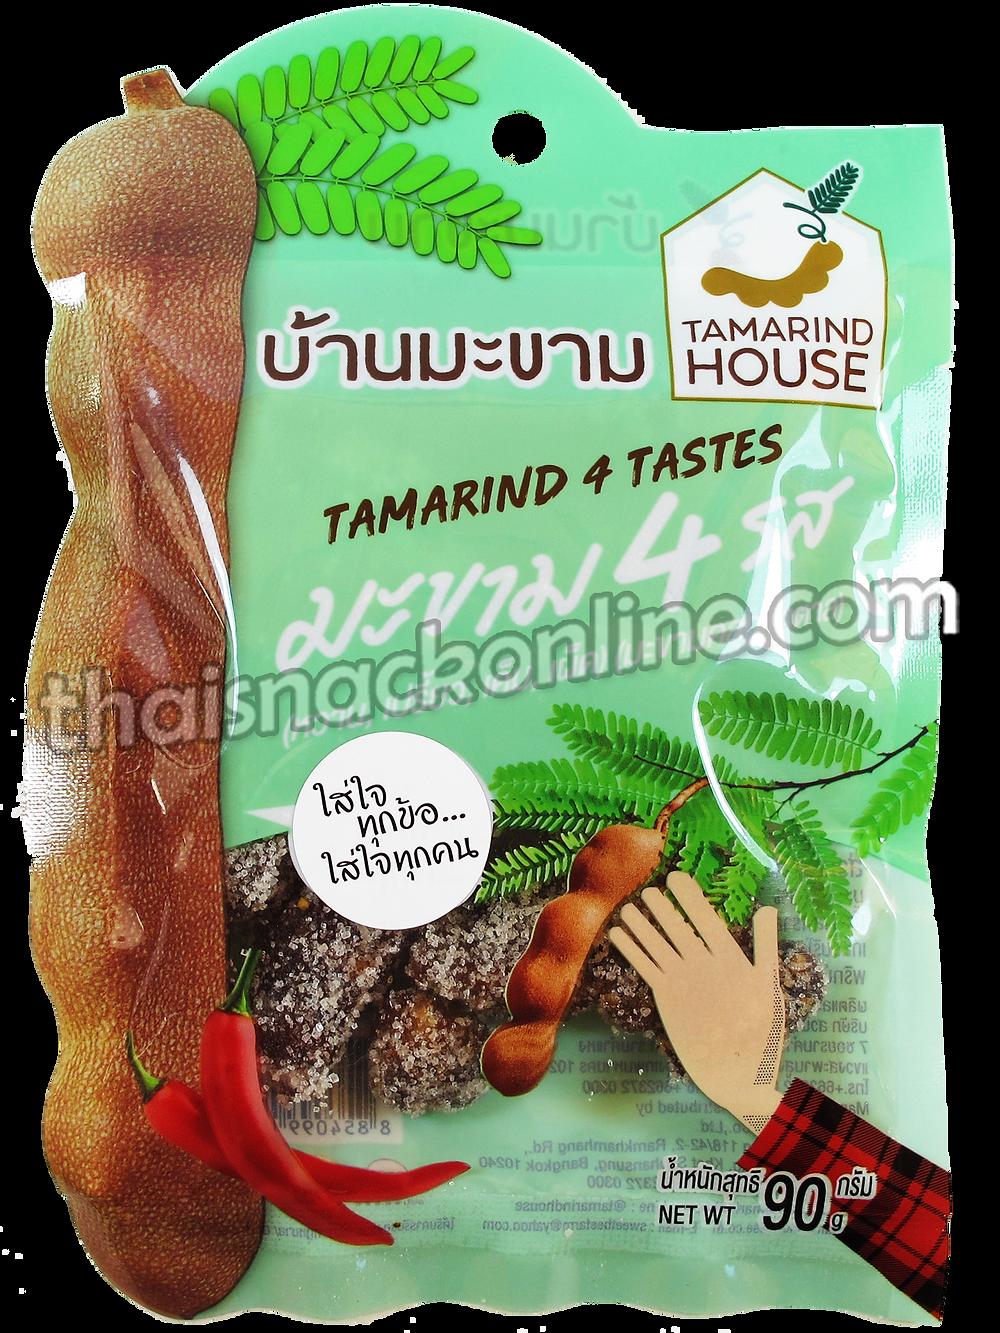 Tamarind House - Tamarind 4 Tastes